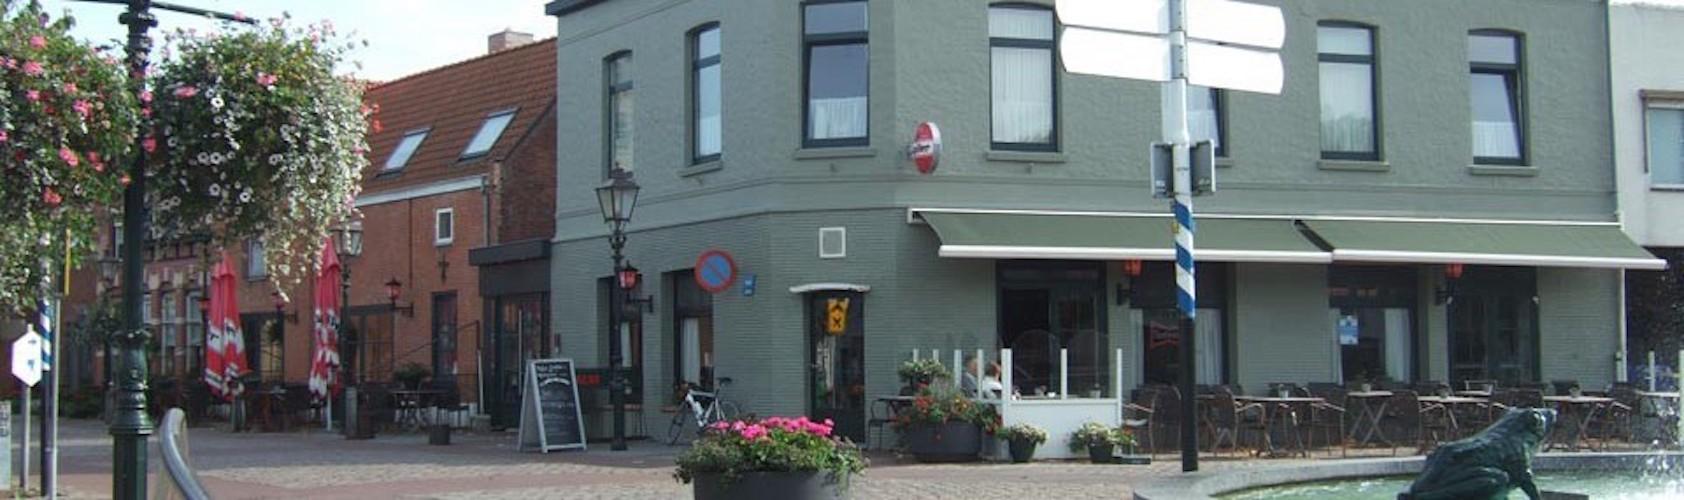 Lands Welvaren Aardenburg